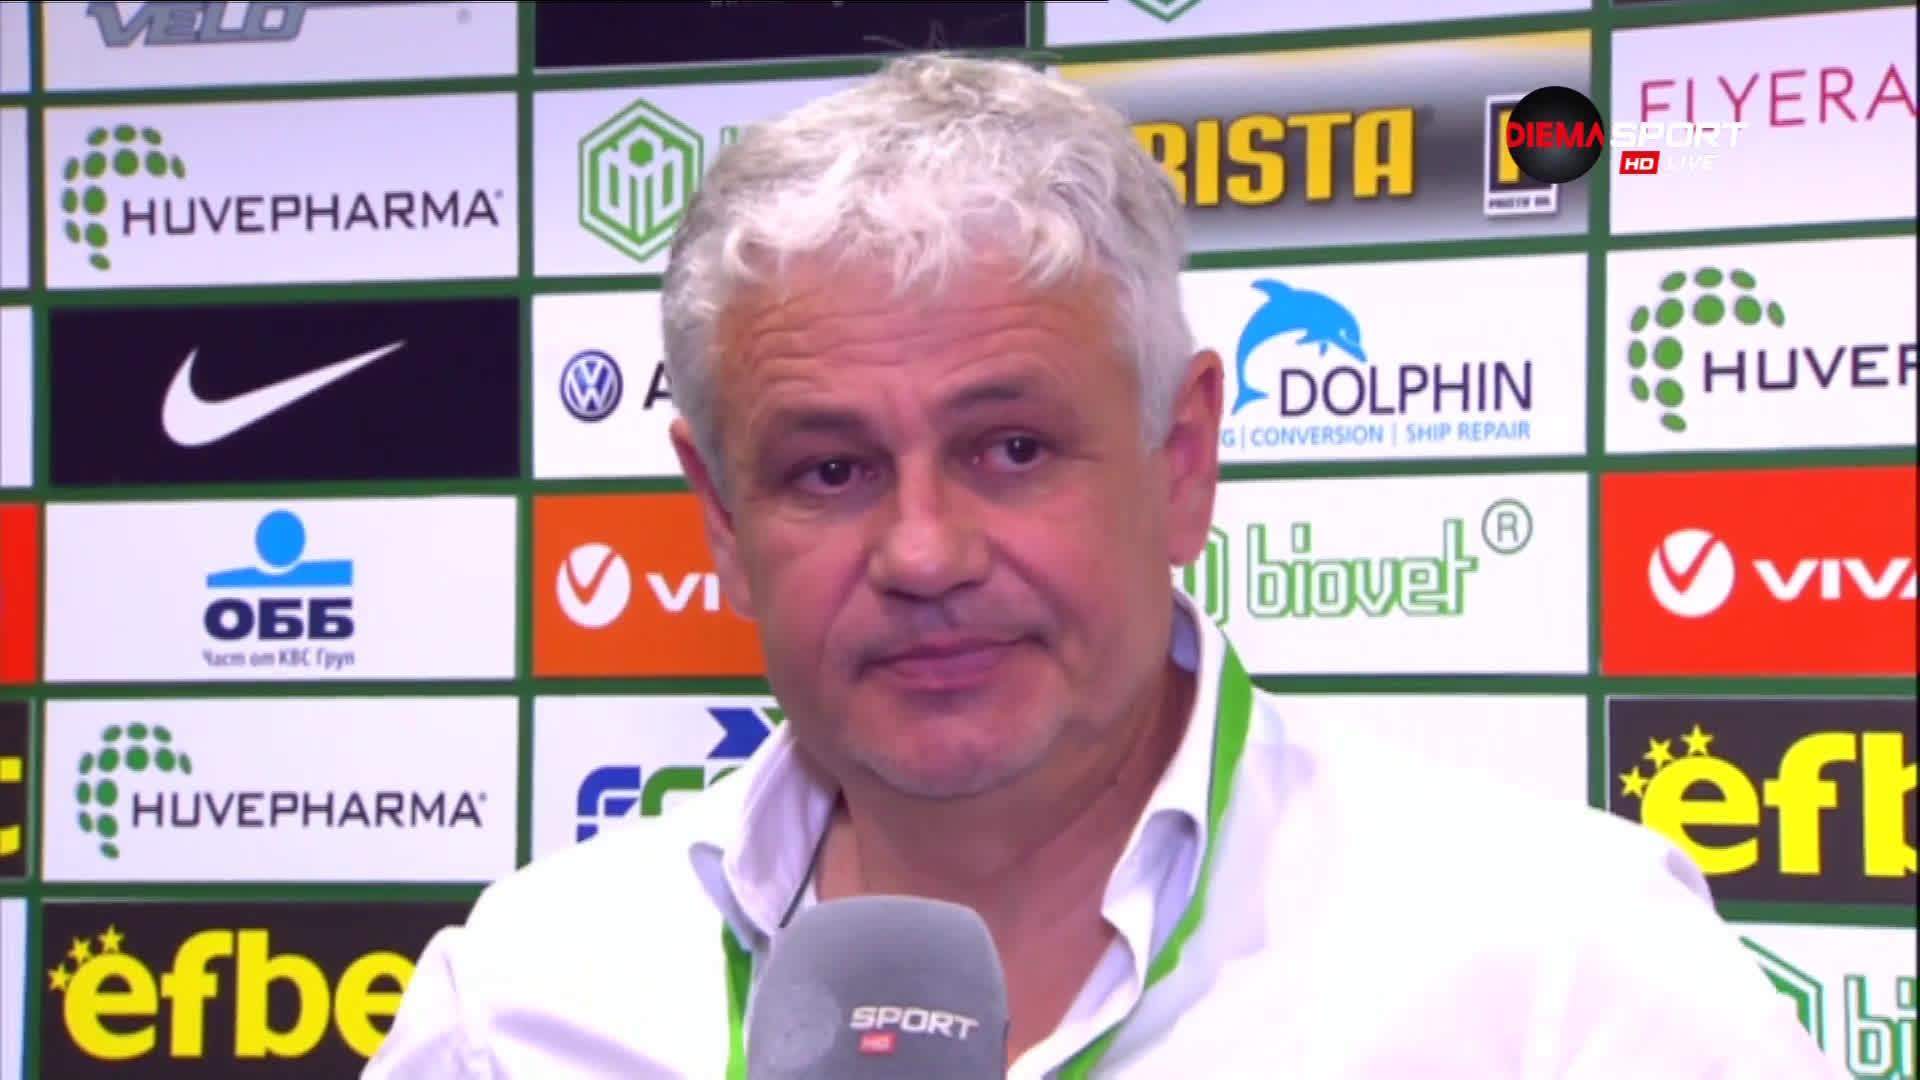 Стойчо Стоев: Хубаво е, че има втори мач, 0:0 не е лош резултат